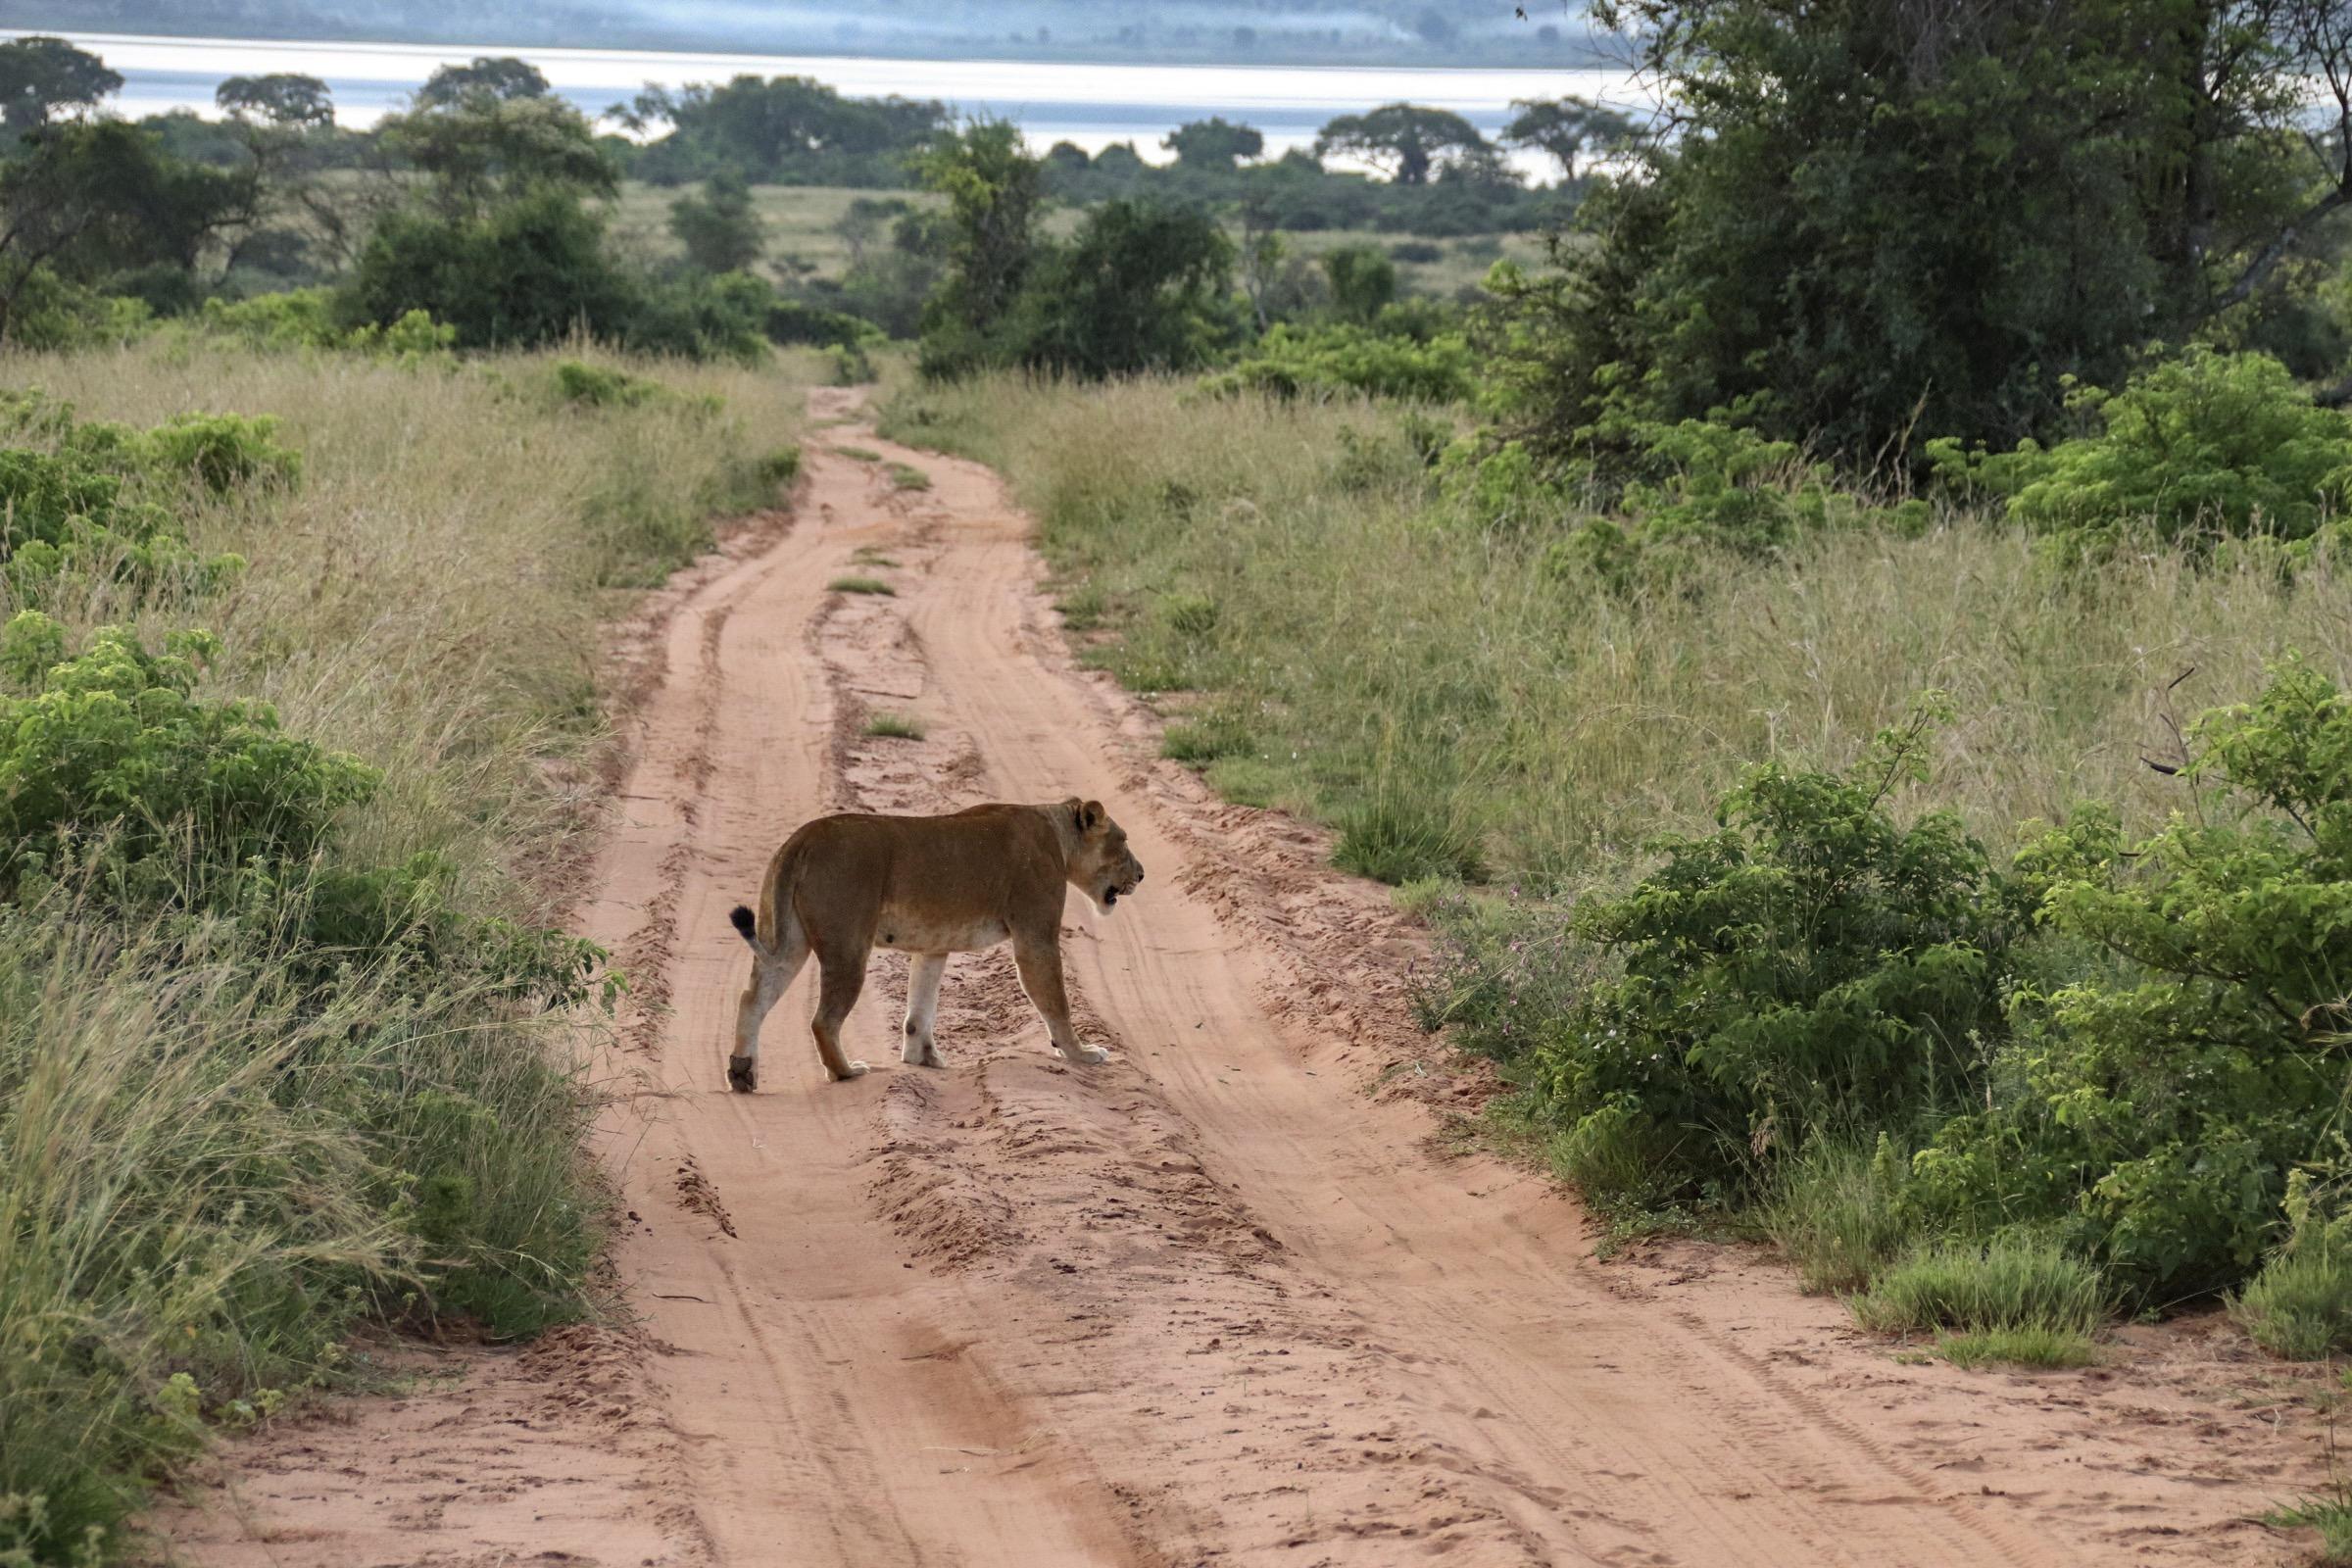 10-Day Wildlife Big 5, Murchison Falls, and Gorilla Trekking Safaris in Uganda 1